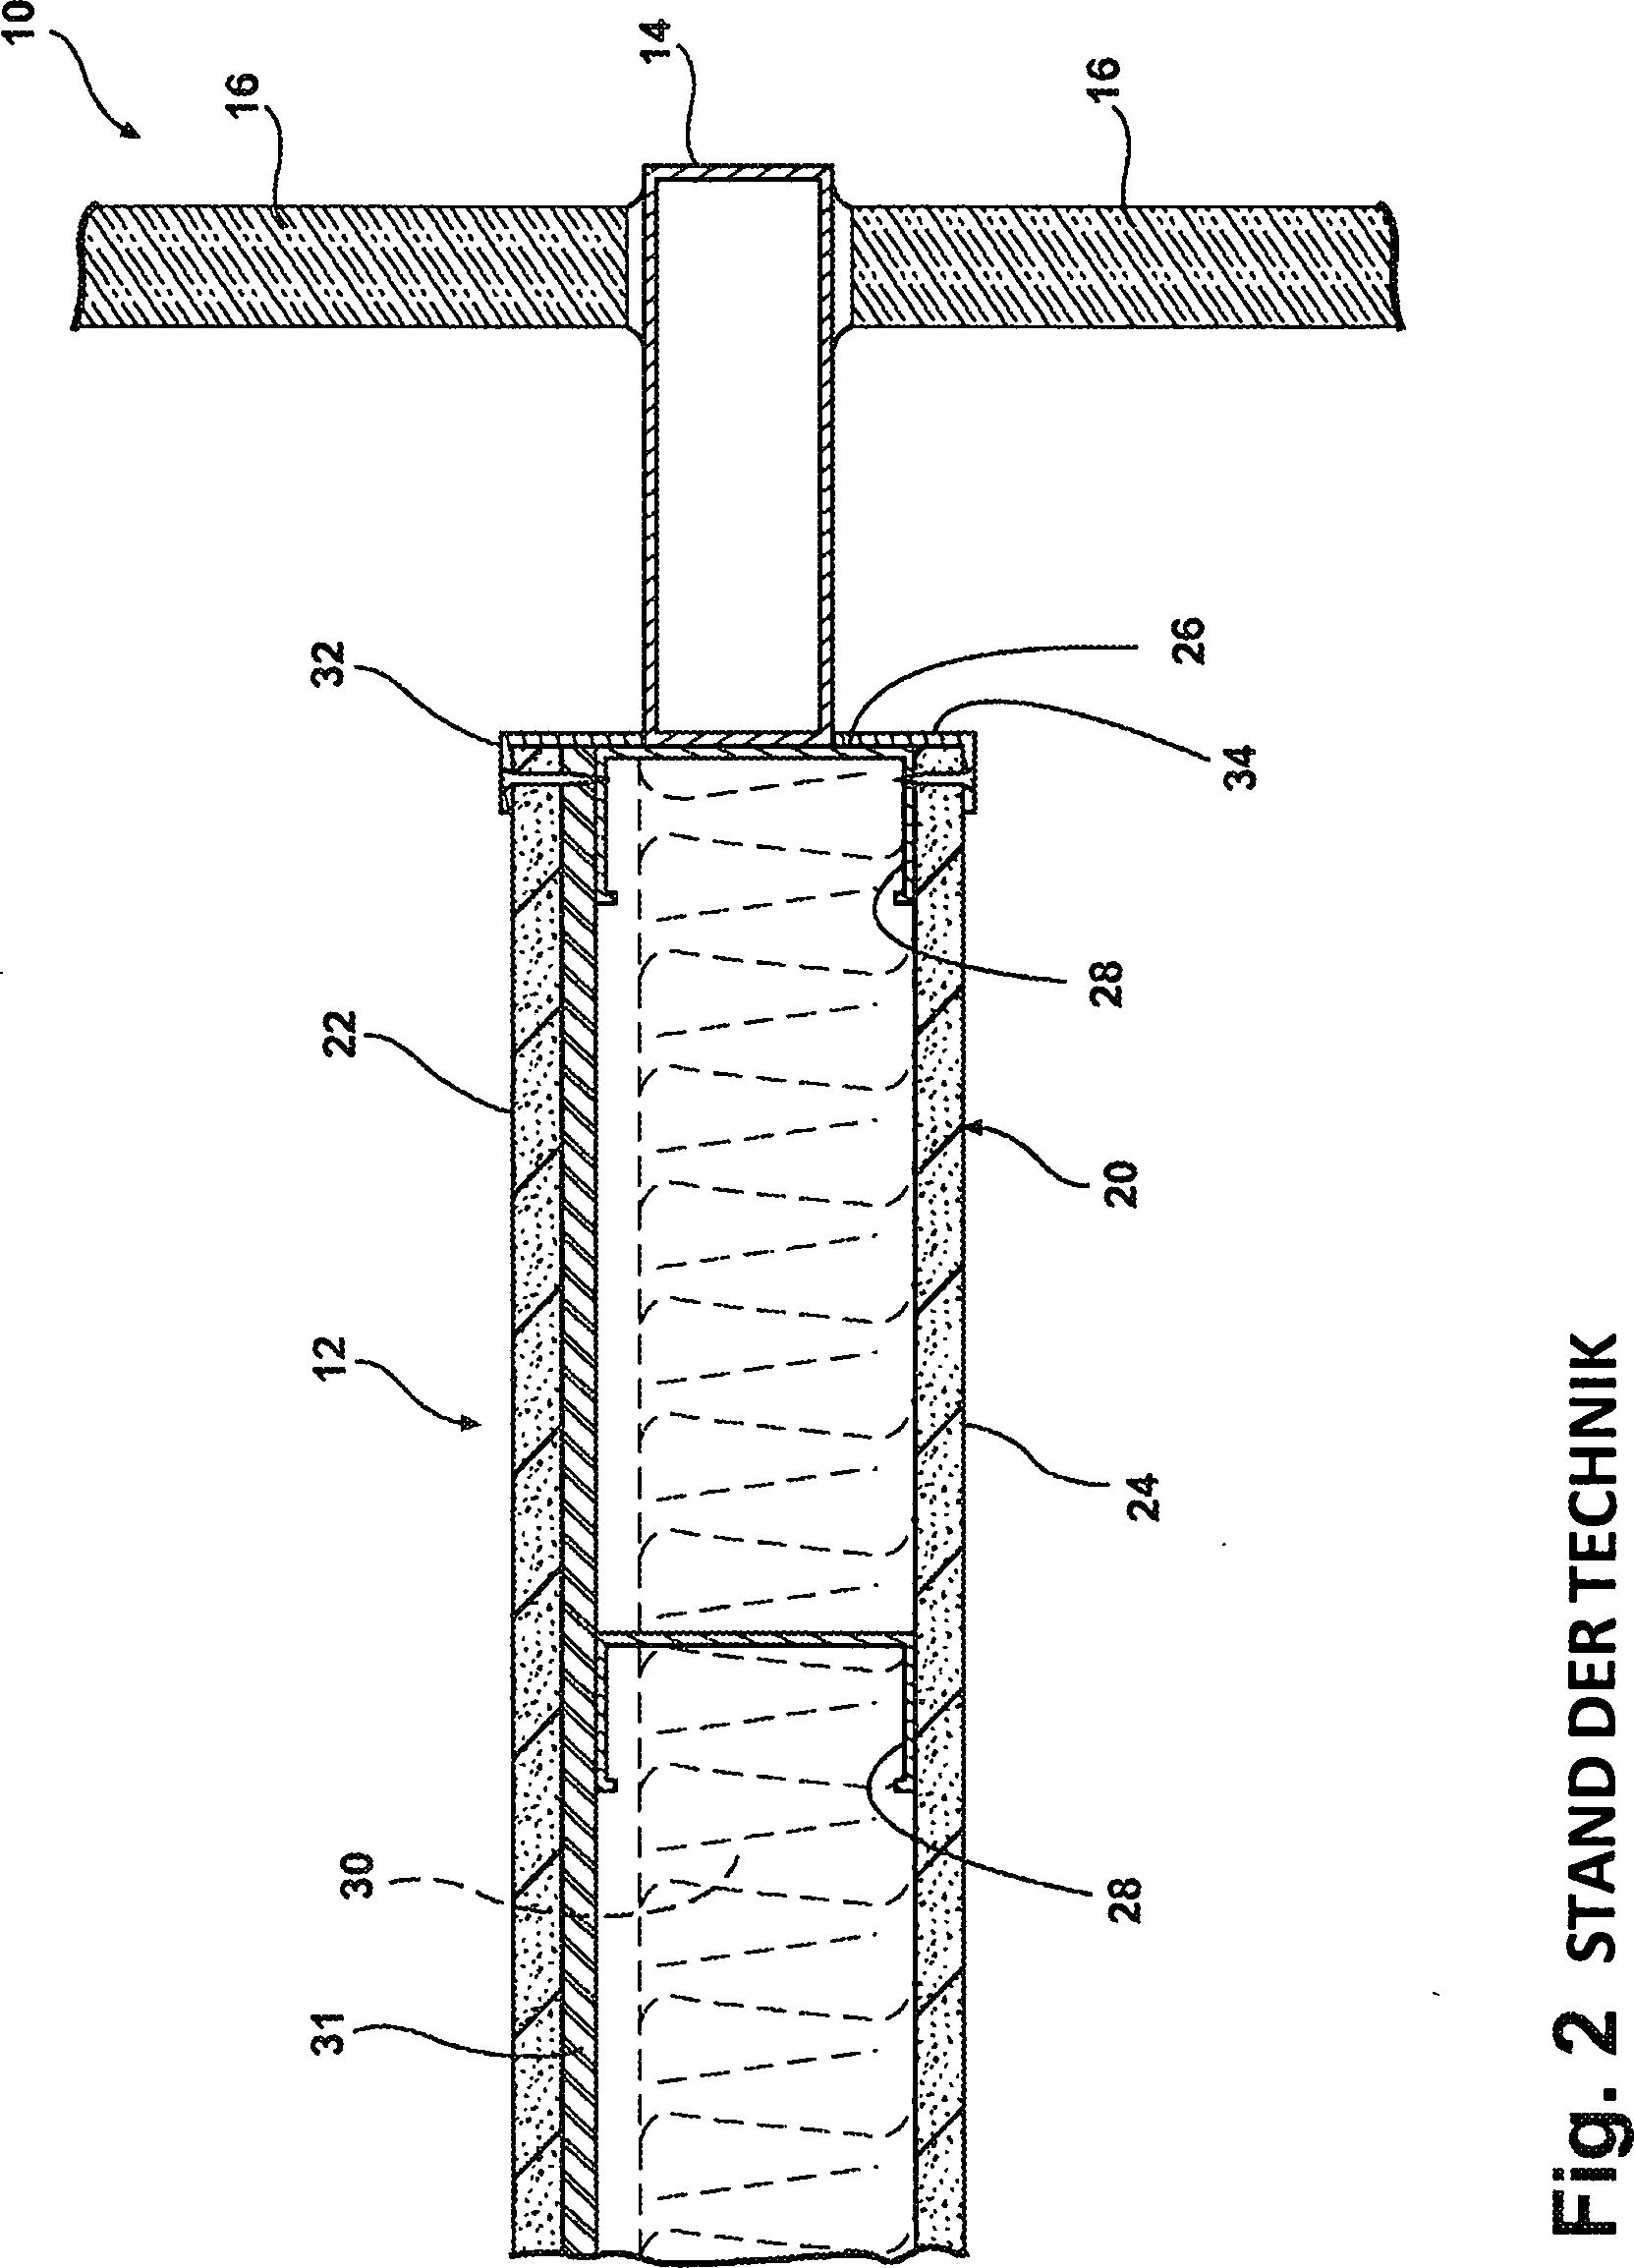 patent de112012000500t5 innenwandabdeckung zur anwendung an einer au enwand einer. Black Bedroom Furniture Sets. Home Design Ideas